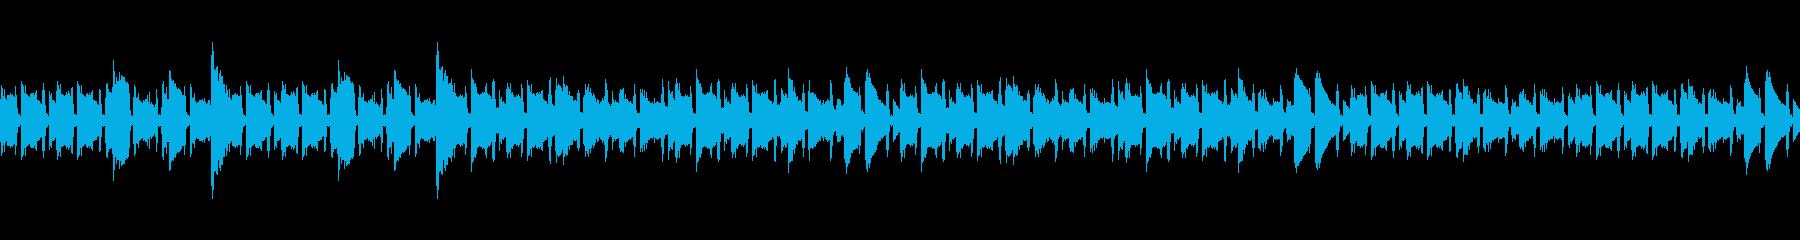 アコースティックギターの明るい曲の再生済みの波形